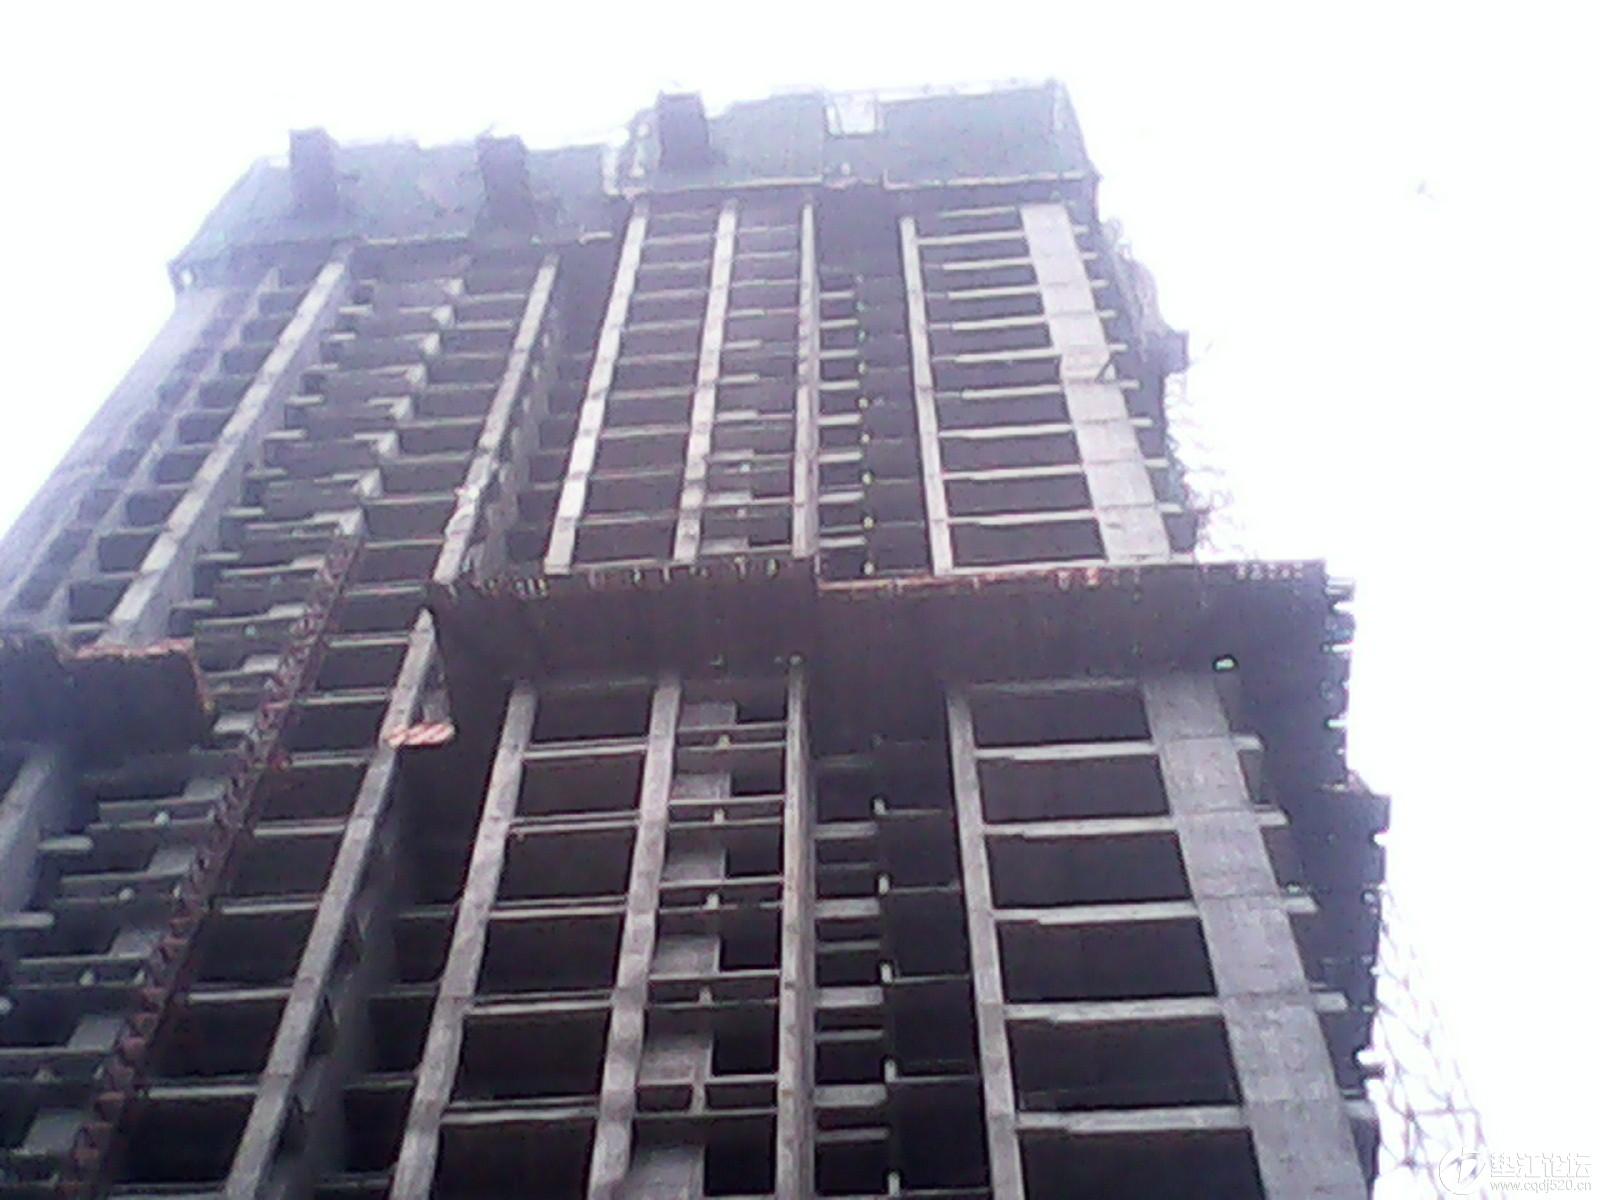 东城国际高层商品房建筑安全让人担忧。   今天上午10点左右从高层建筑物上,飞出一根2到3米的木方到距旁边三合安置房2栋2单元502客厅房中。屋子一片狼藉。所幸没伤人。    这工地经常有建筑物落向住宅区,一点安全防护措施也没有。并且通宵都在施工,嘈音已有半年之久。望相关部门管一管。谢谢。